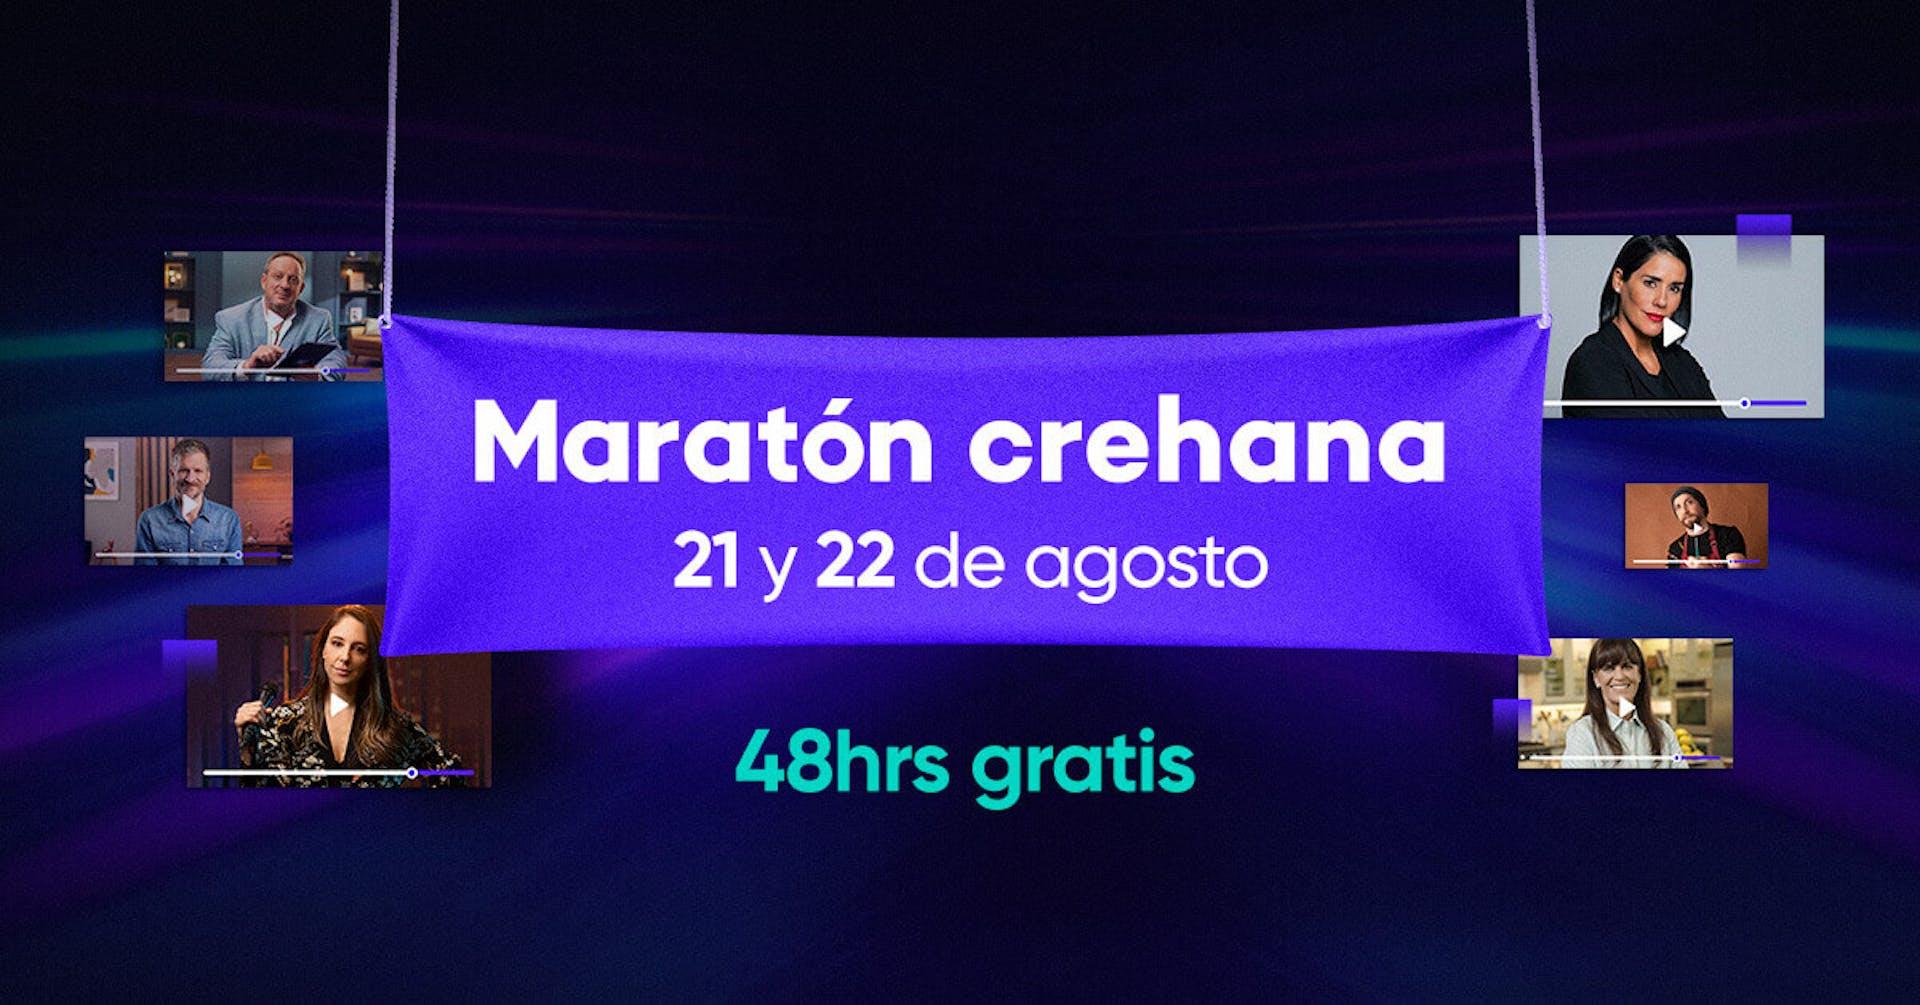 ¡Sé parte de la Maratón Crehana y corre directo hacia tus metas con 48h de acceso libre!